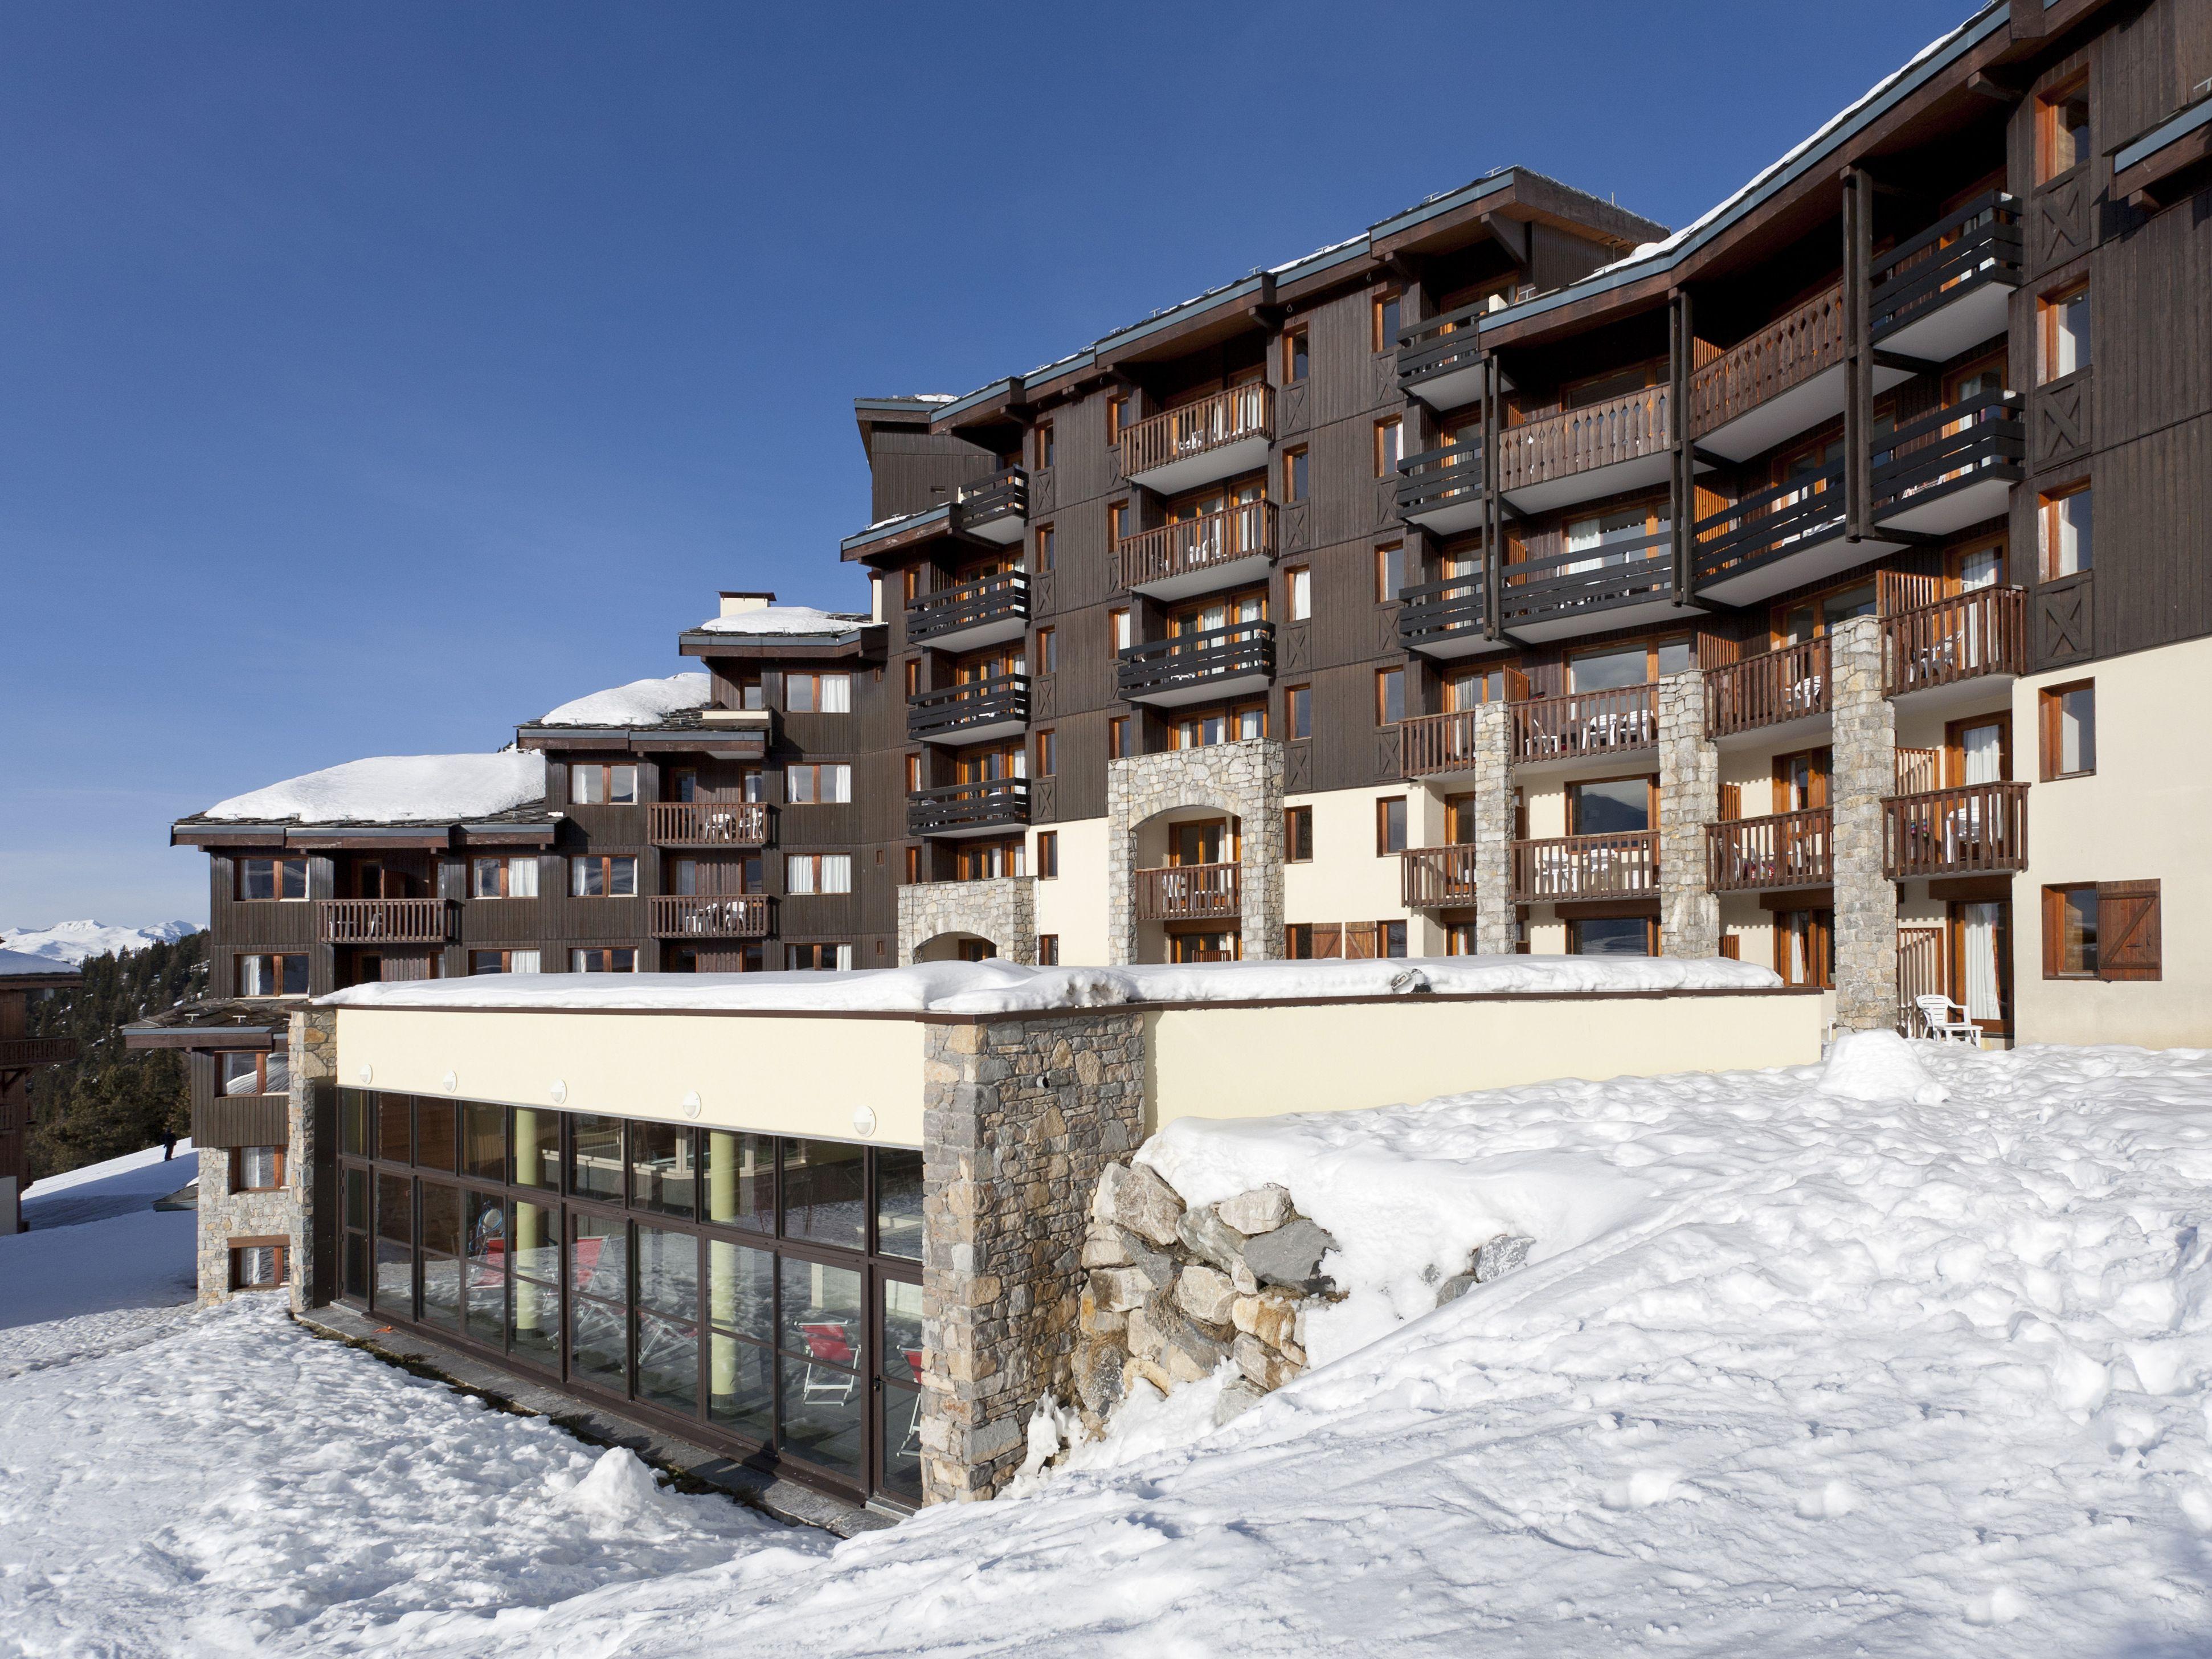 Appartement Le Centaure - 6-8 personen